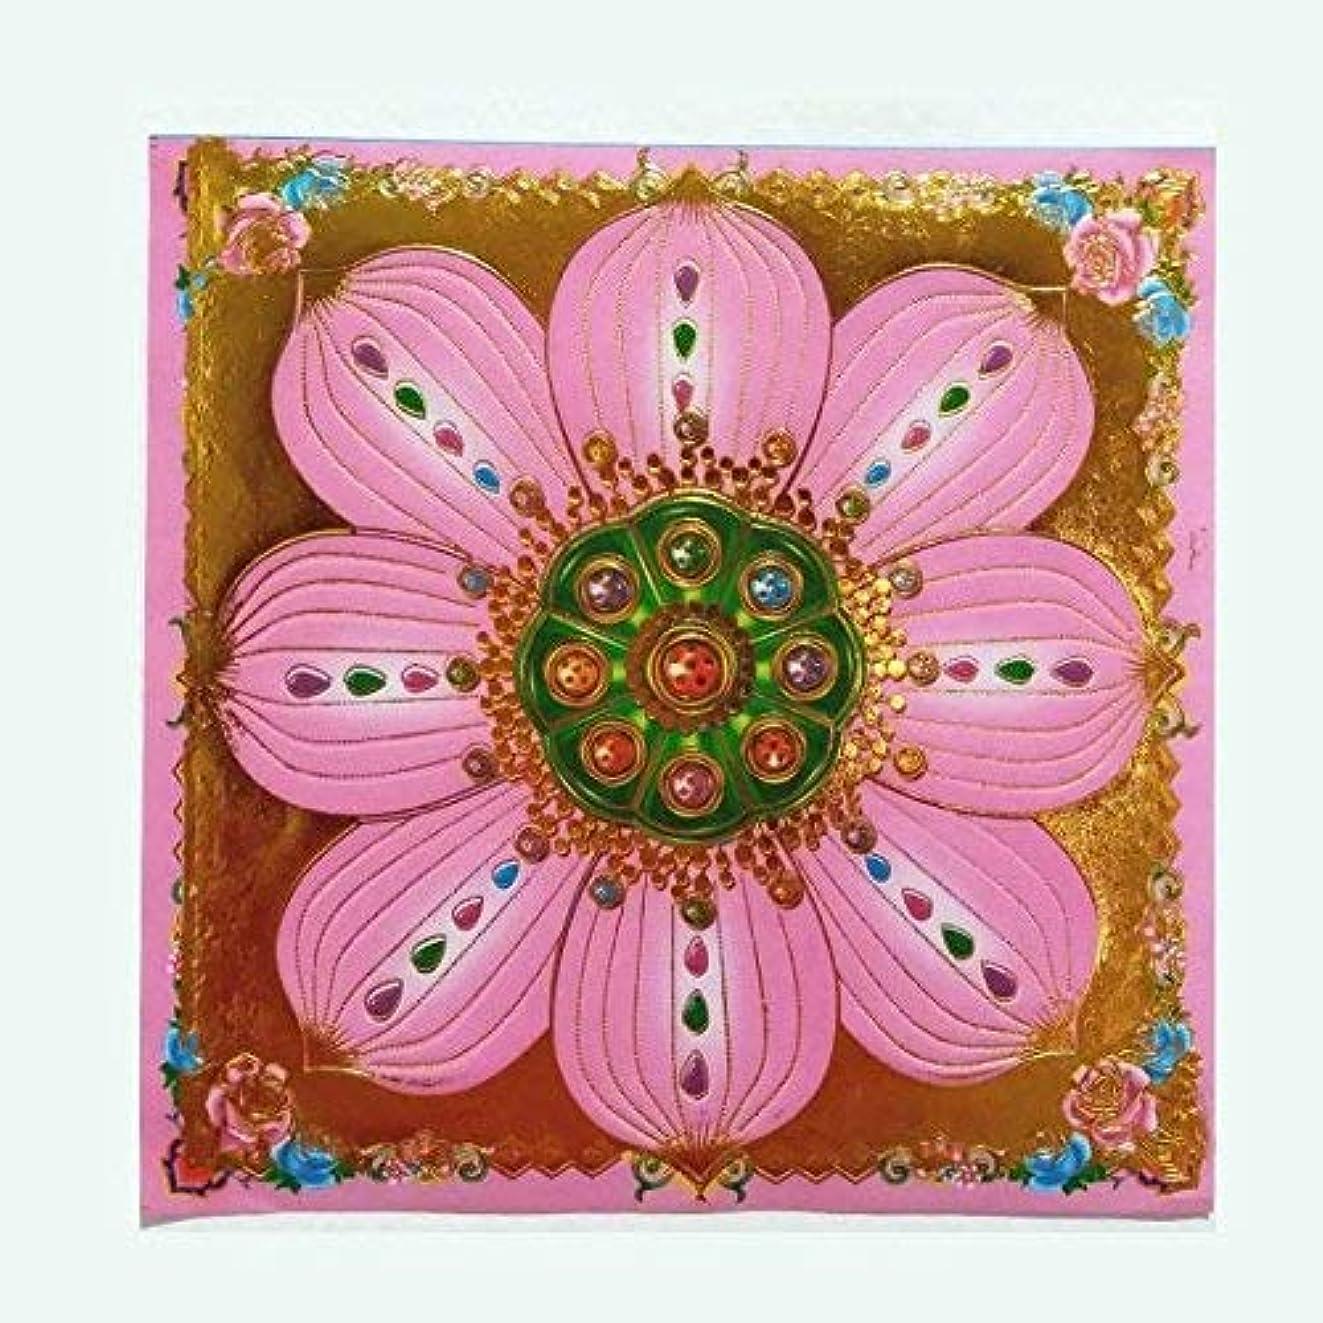 別のモール文化40pcs Incense用紙/ Joss用紙ハイグレードカラフルwithゴールドの箔Sサイズの祖先Praying 7.5インチx 7.5インチ(ピンク)